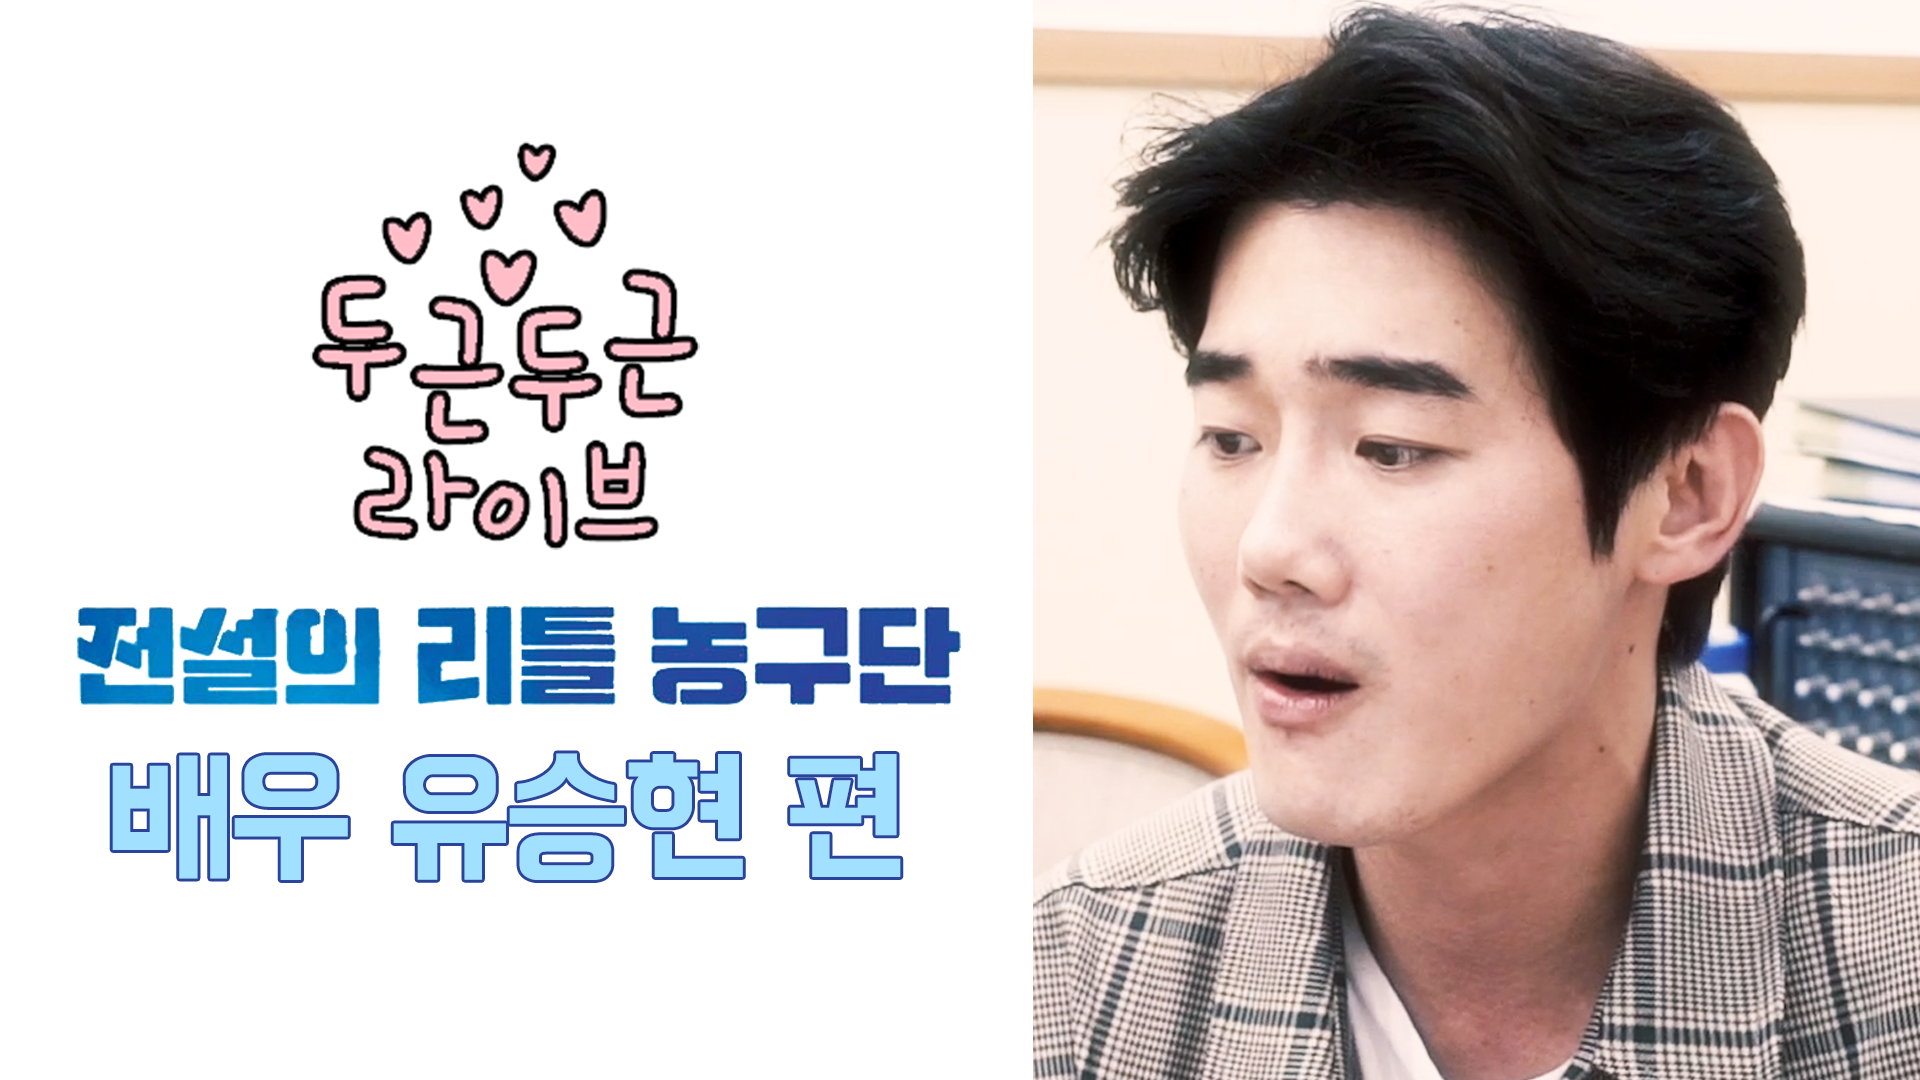 [두근두근 라이브] 뮤지컬 '전설의 리틀 농구단' 유승현 편